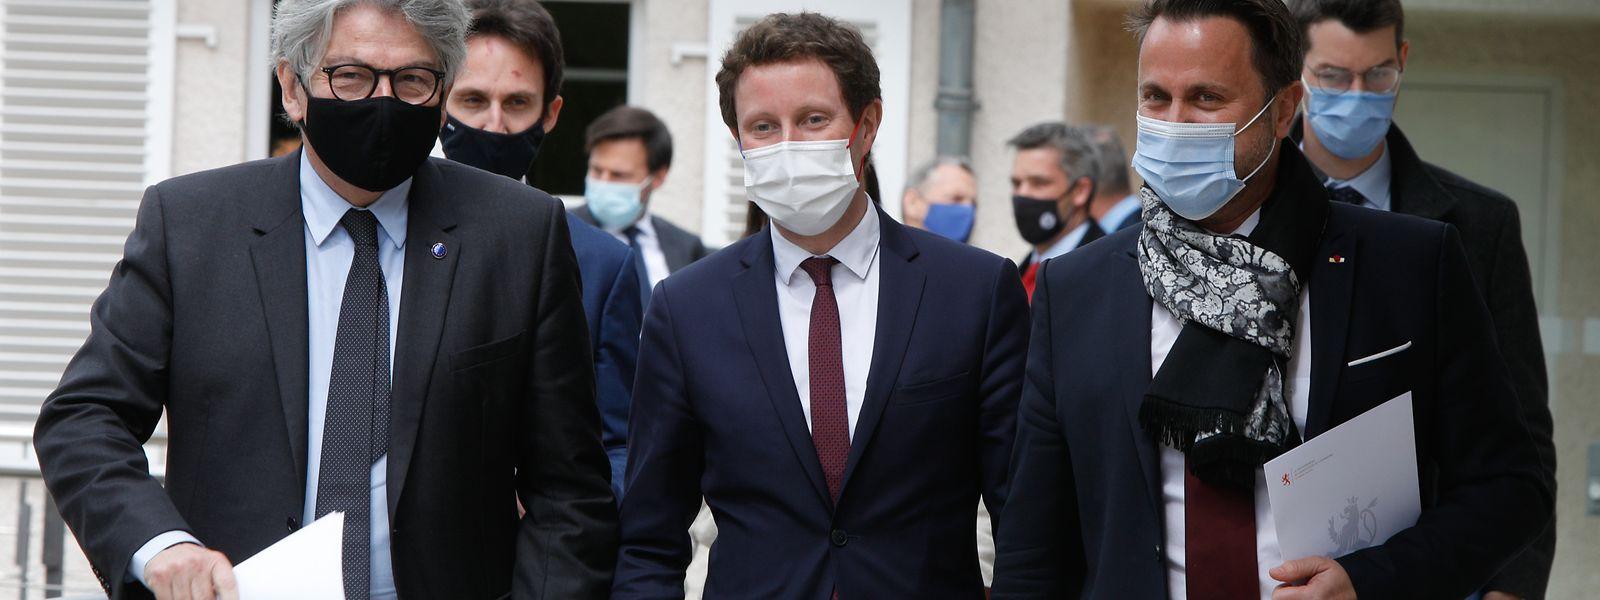 Premierminister Xavier Bettel zusammen mit EU-Kommissar Thierry Breton (l.) und dem französischen Staatssekretär Clément Beaune (Mitte) auf dem Weg zur gemeinsamen Pressekonferenz.